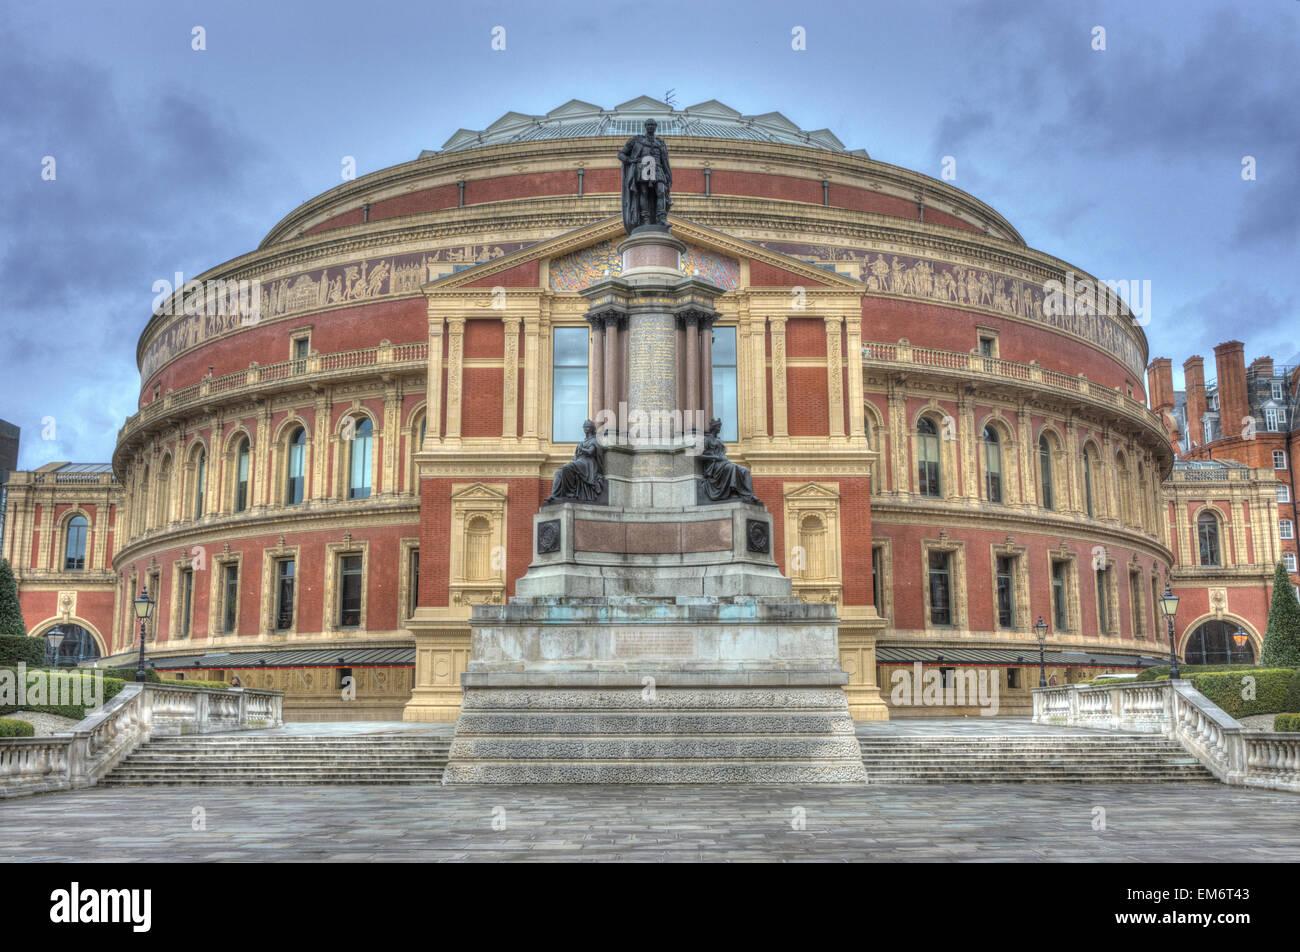 The Royal Albert Hall,  London - Stock Image